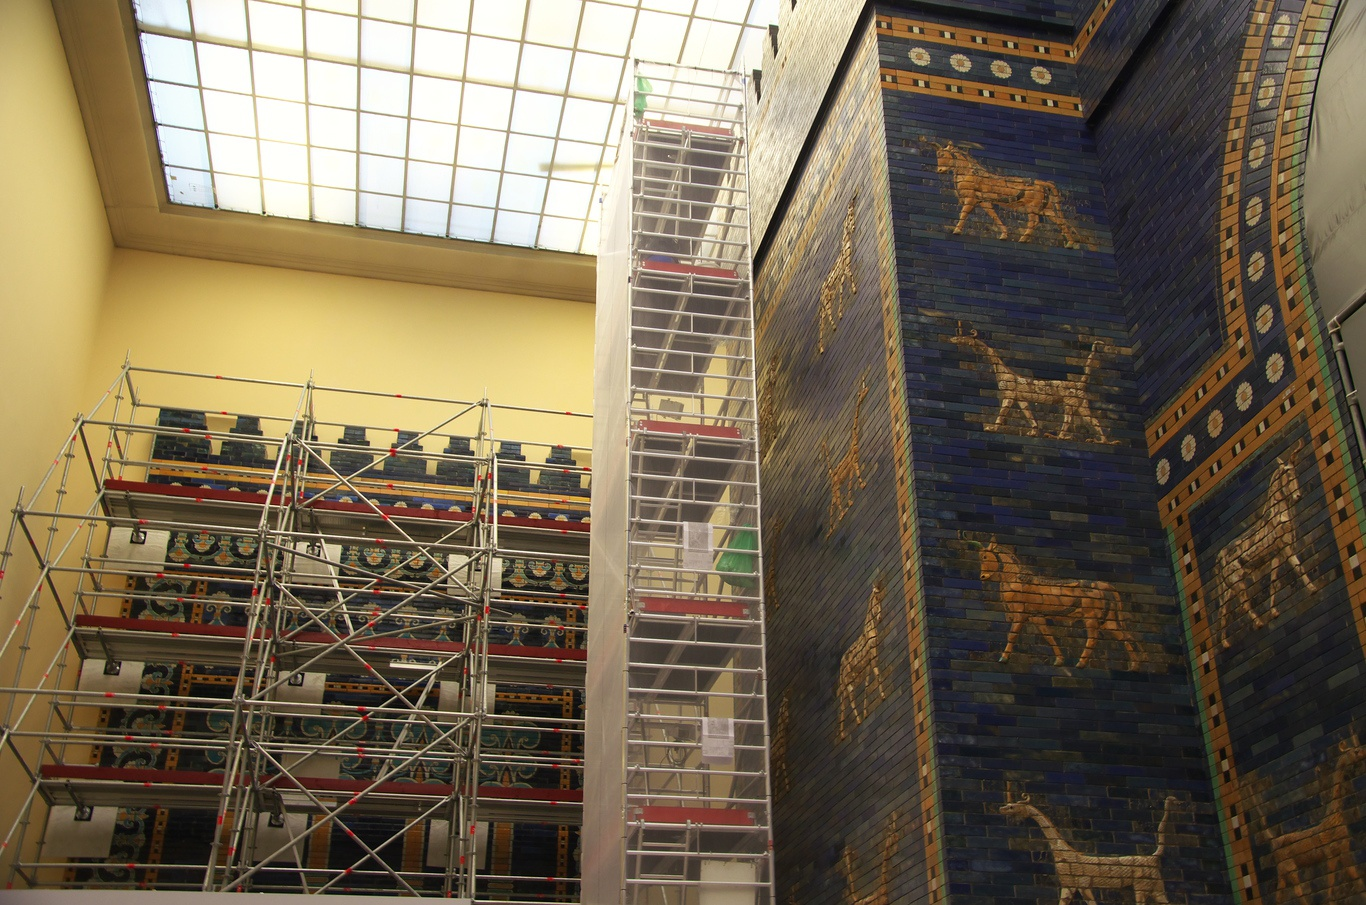 Ištařina brána, Pergamonské muzeum